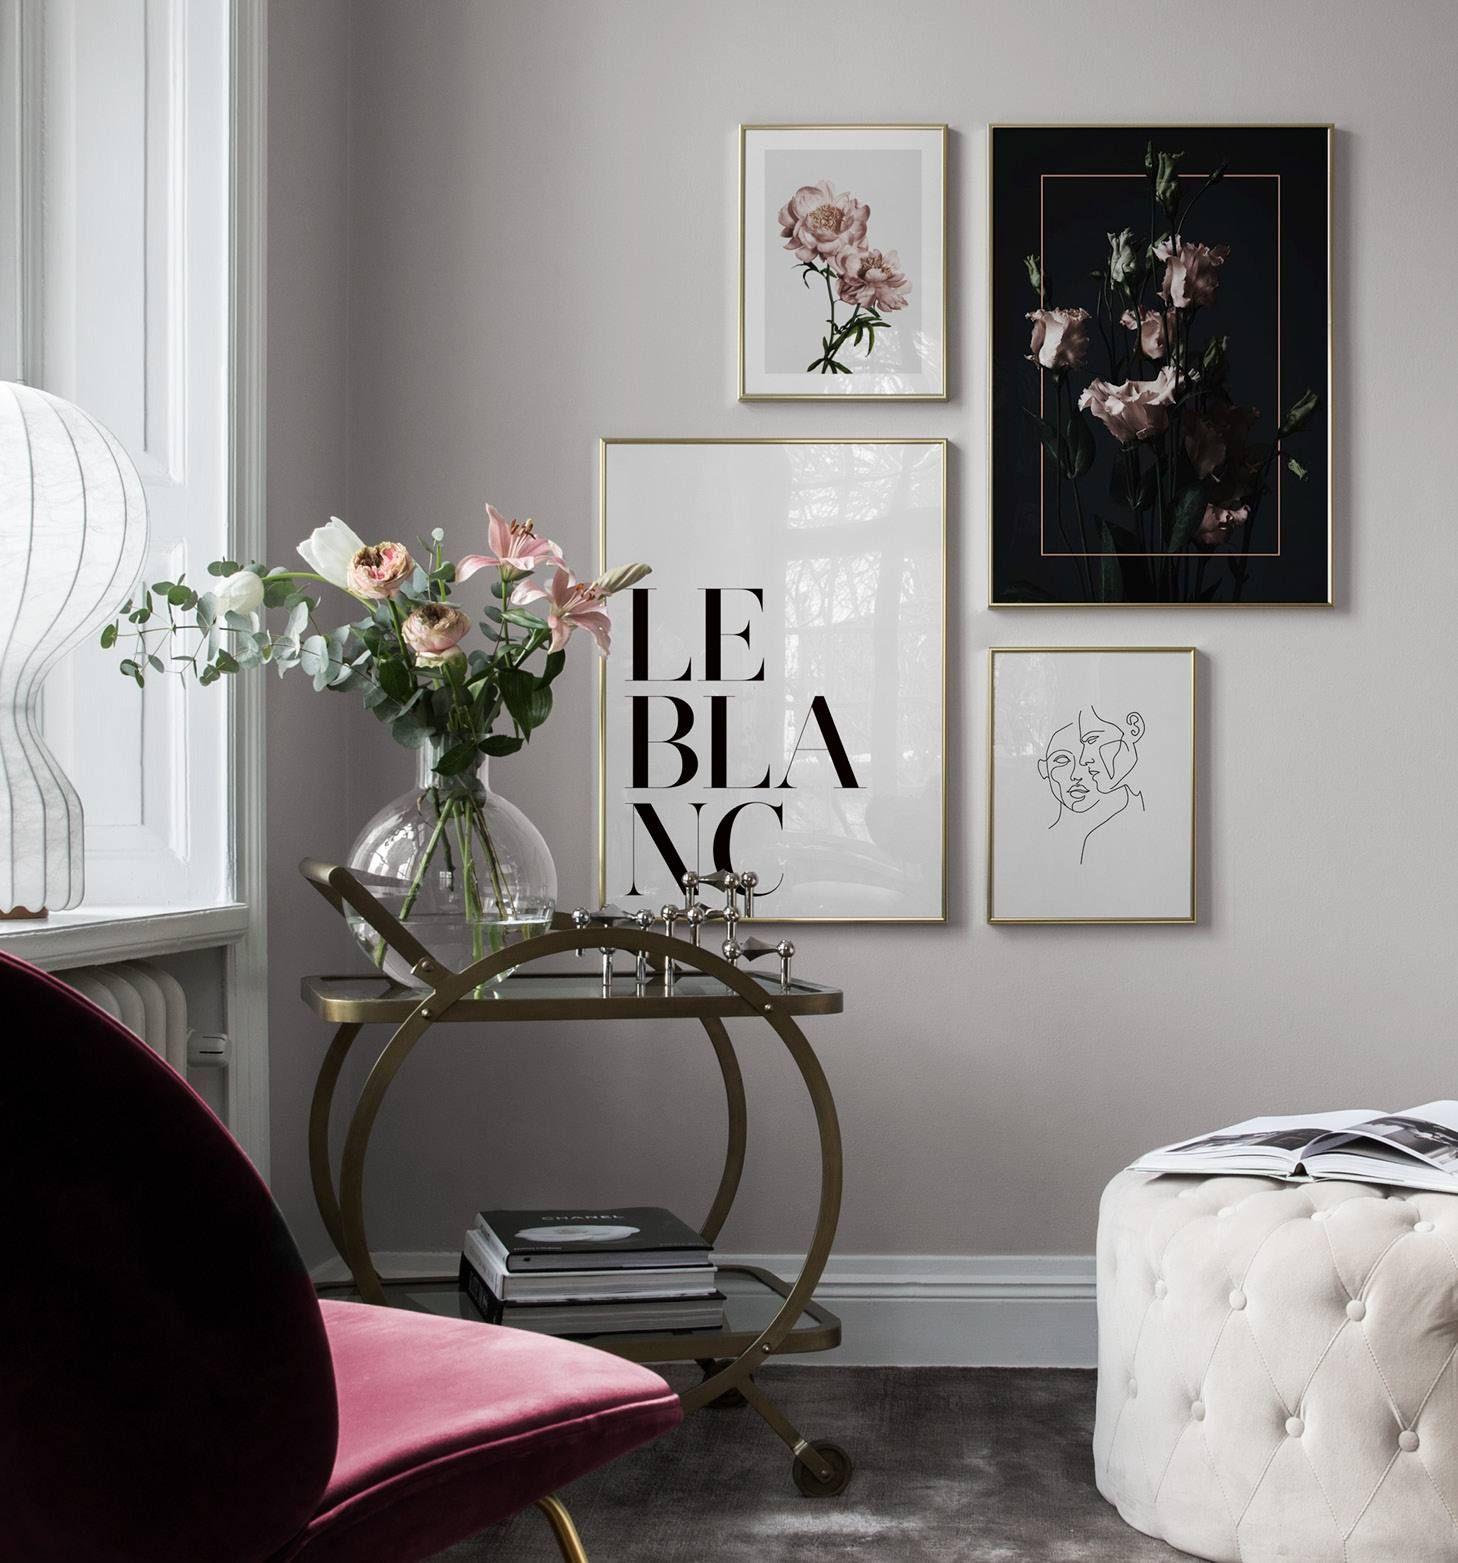 Inspiration Fur Schone Wohnzimmer Bilderwand Mit Postern Desenio Mit Bildern Gestaltung Kleiner Raume Schone Wohnzimmer Elegantes Wohnzimmer